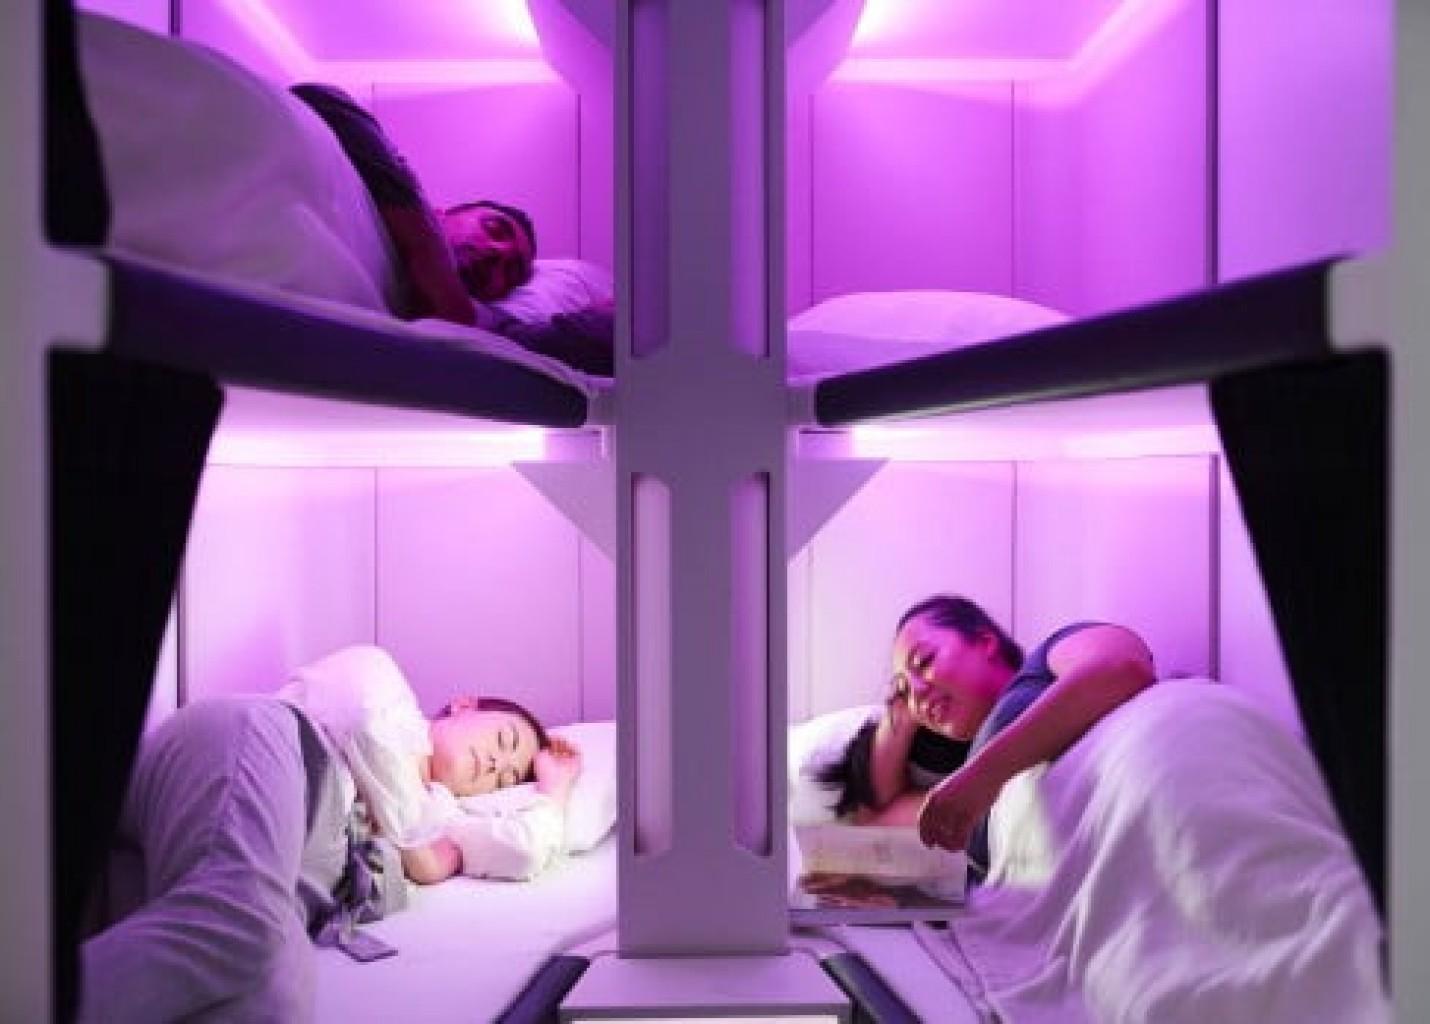 Air New Zealand revela protótipo de 'cabine de beliches' para Econômica; vídeo